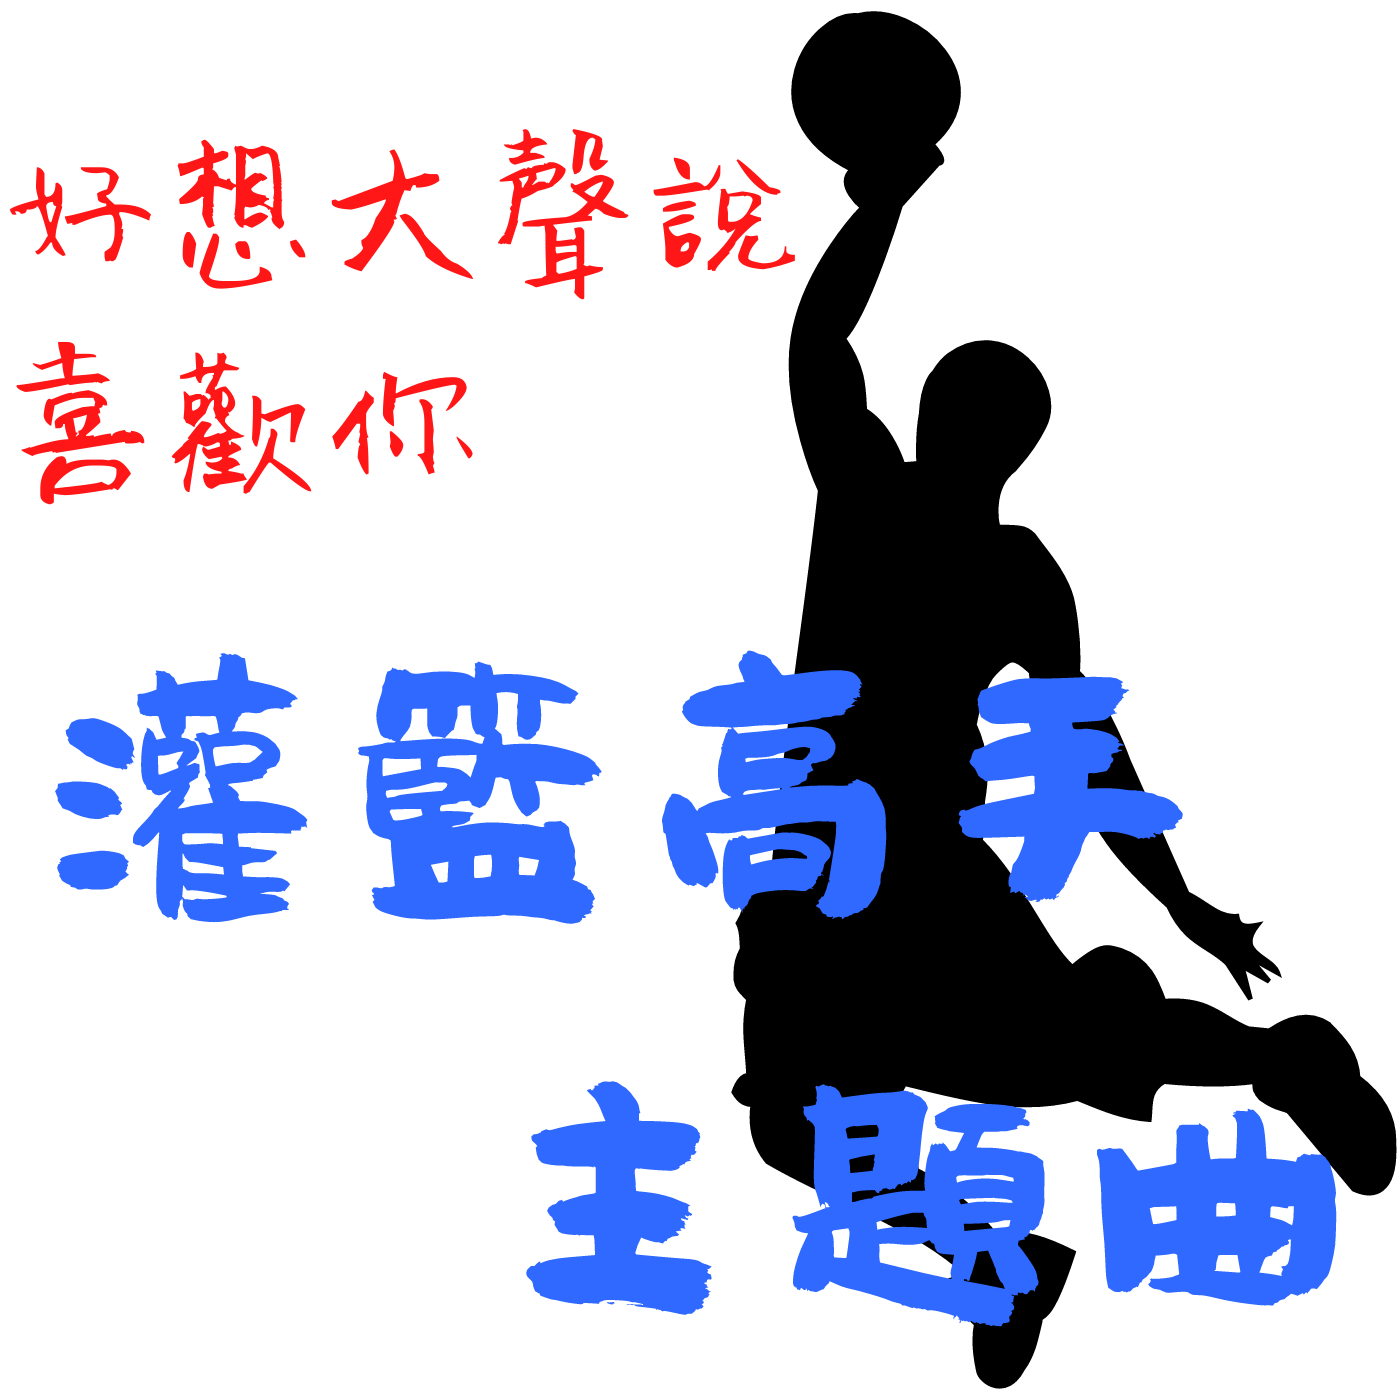 【廖邦豪】炎(From 《鬼滅之刃》) (複製)